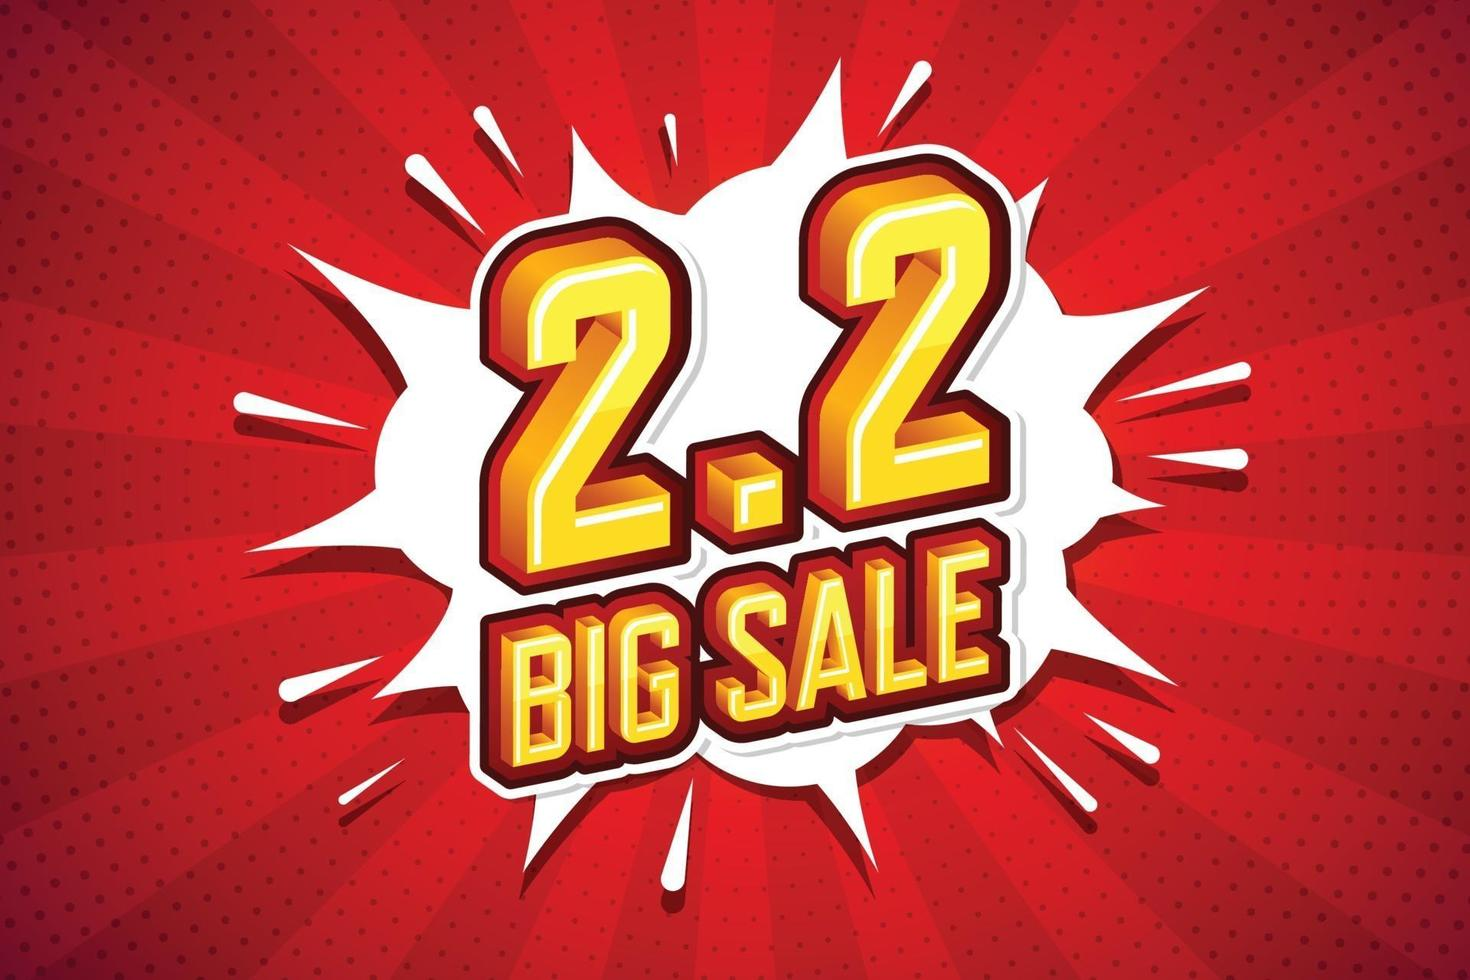 2. 2 grote verkoop lettertype expressie popart komische tekstballon. vector illustratie